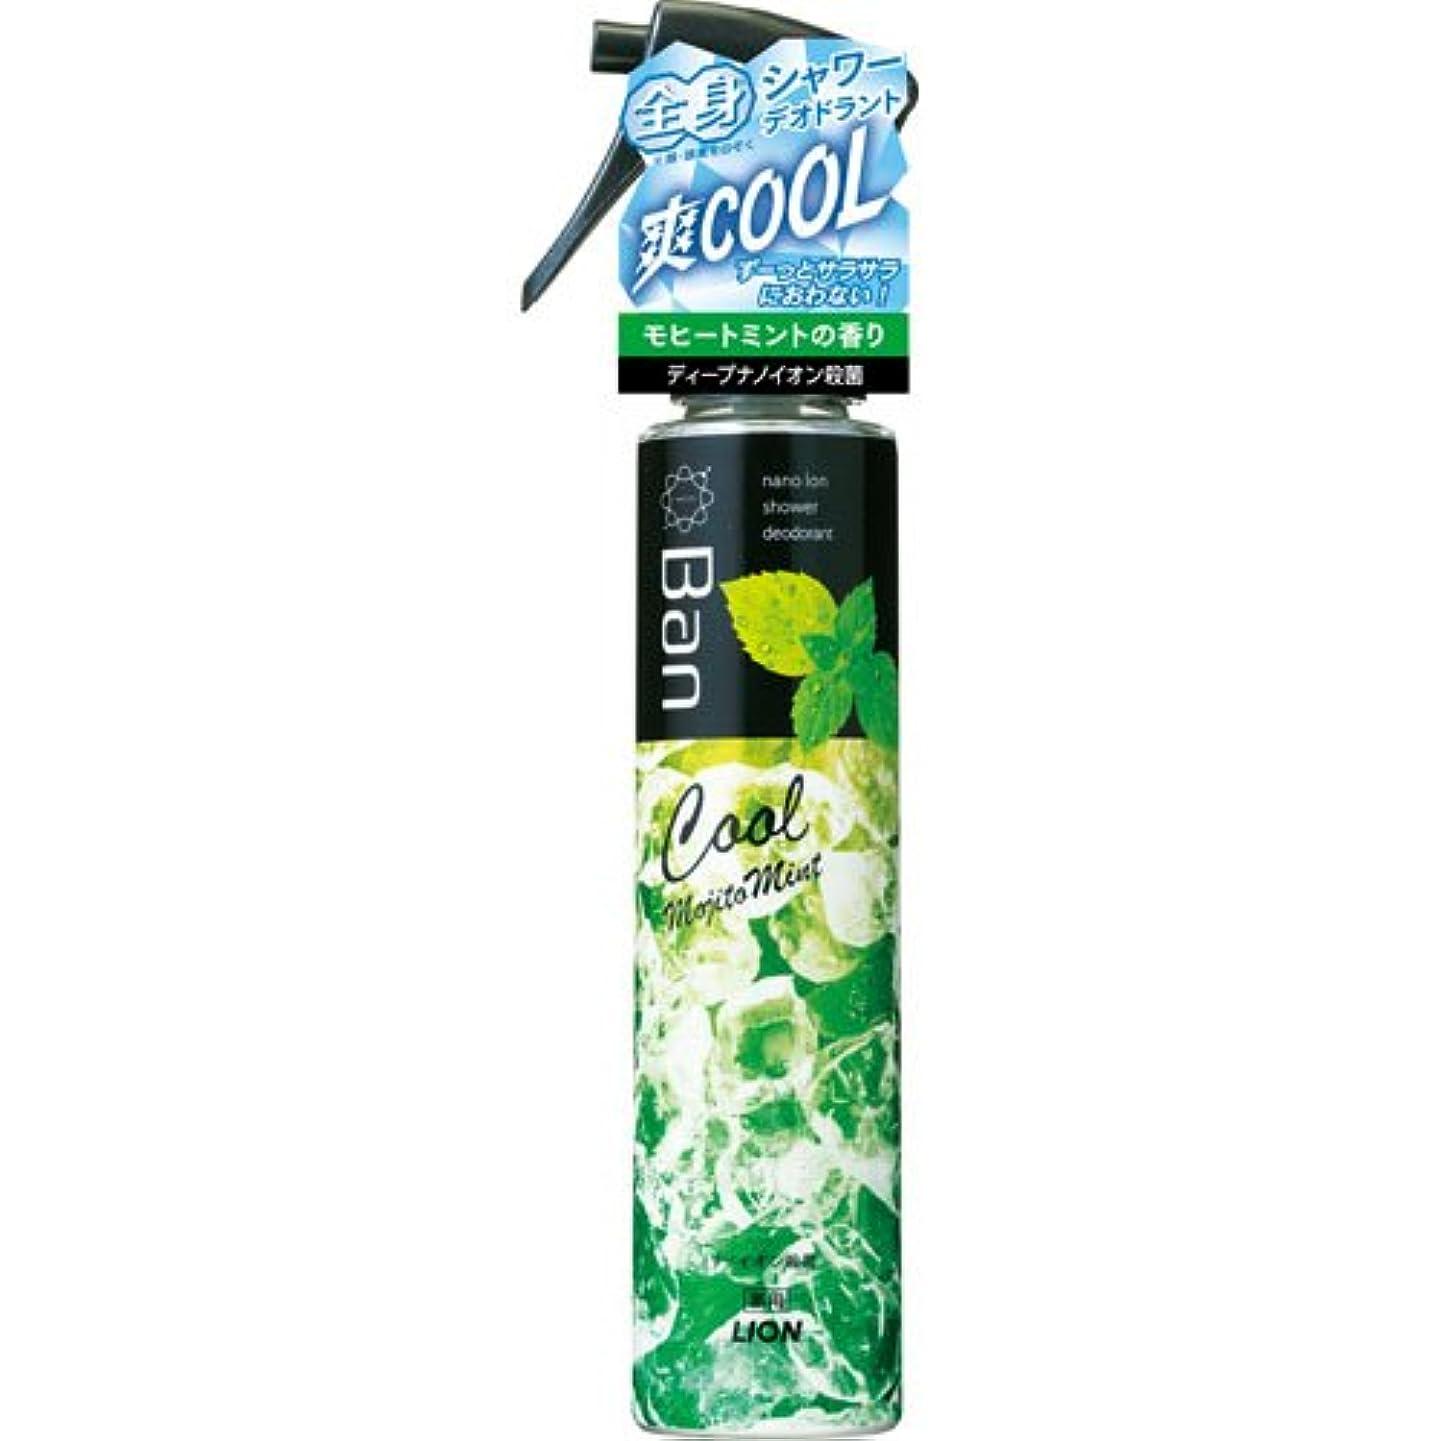 シーンなぞらえる接地Ban シャワーデオドラントクールタイプ モヒートミントの香り 120ml (医薬部外品)